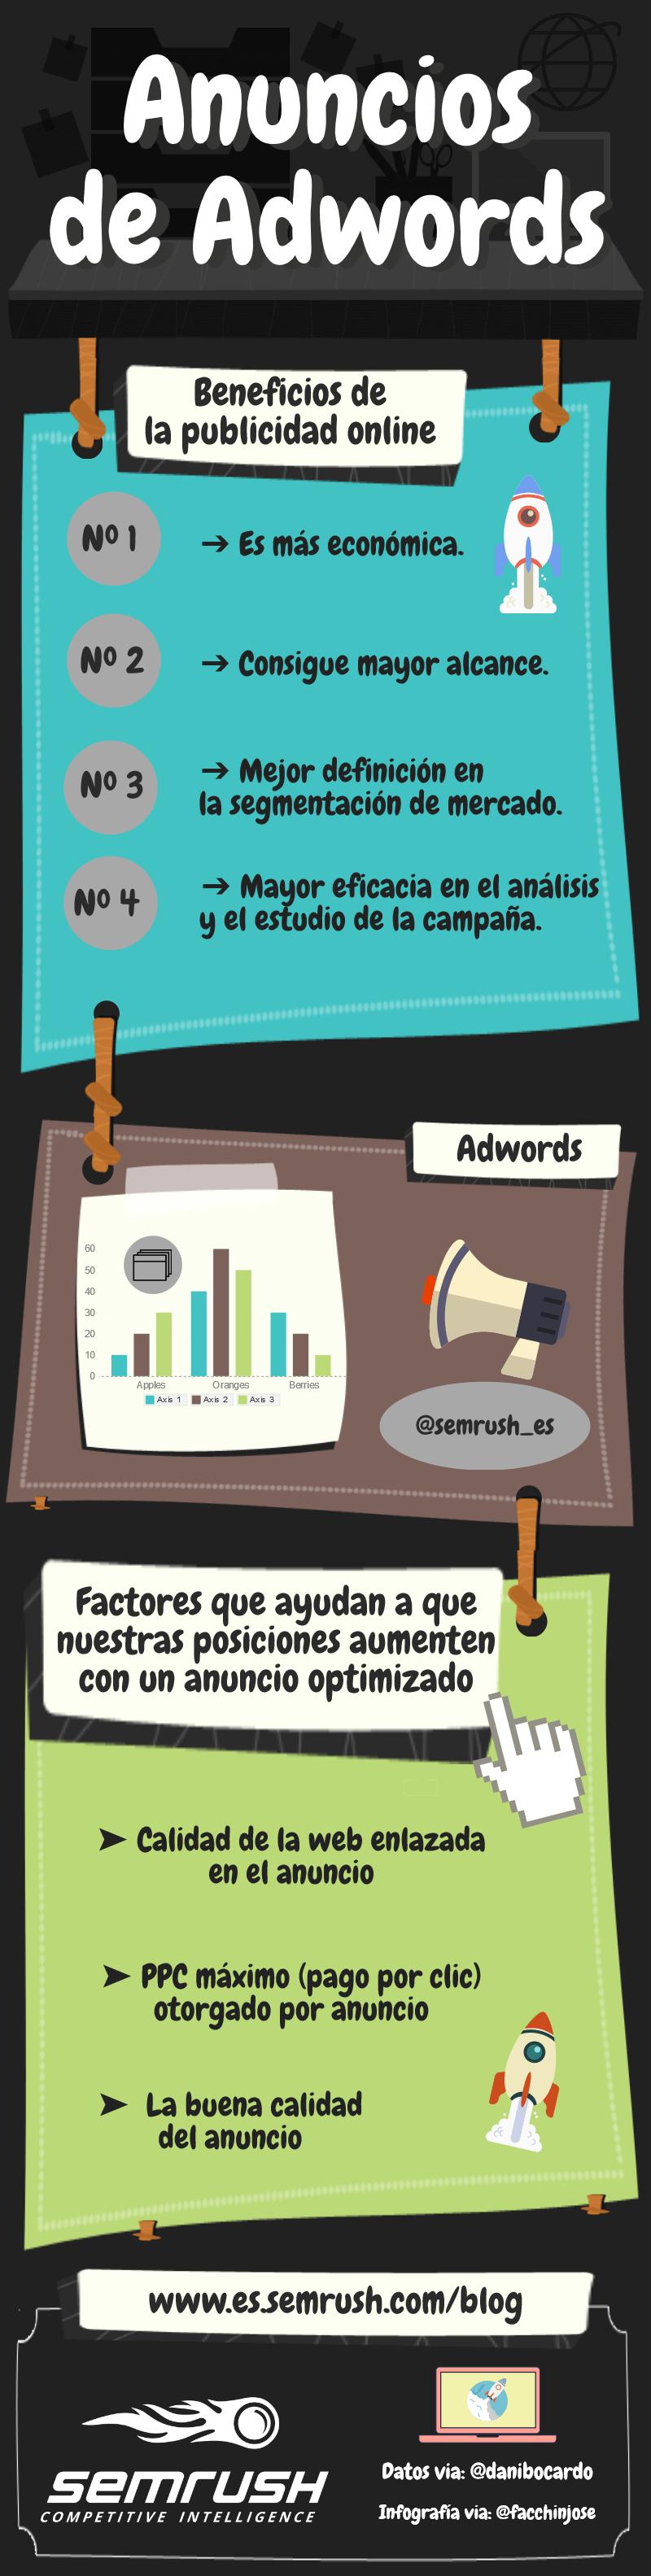 Anuncios de Google Adwords - Infografía